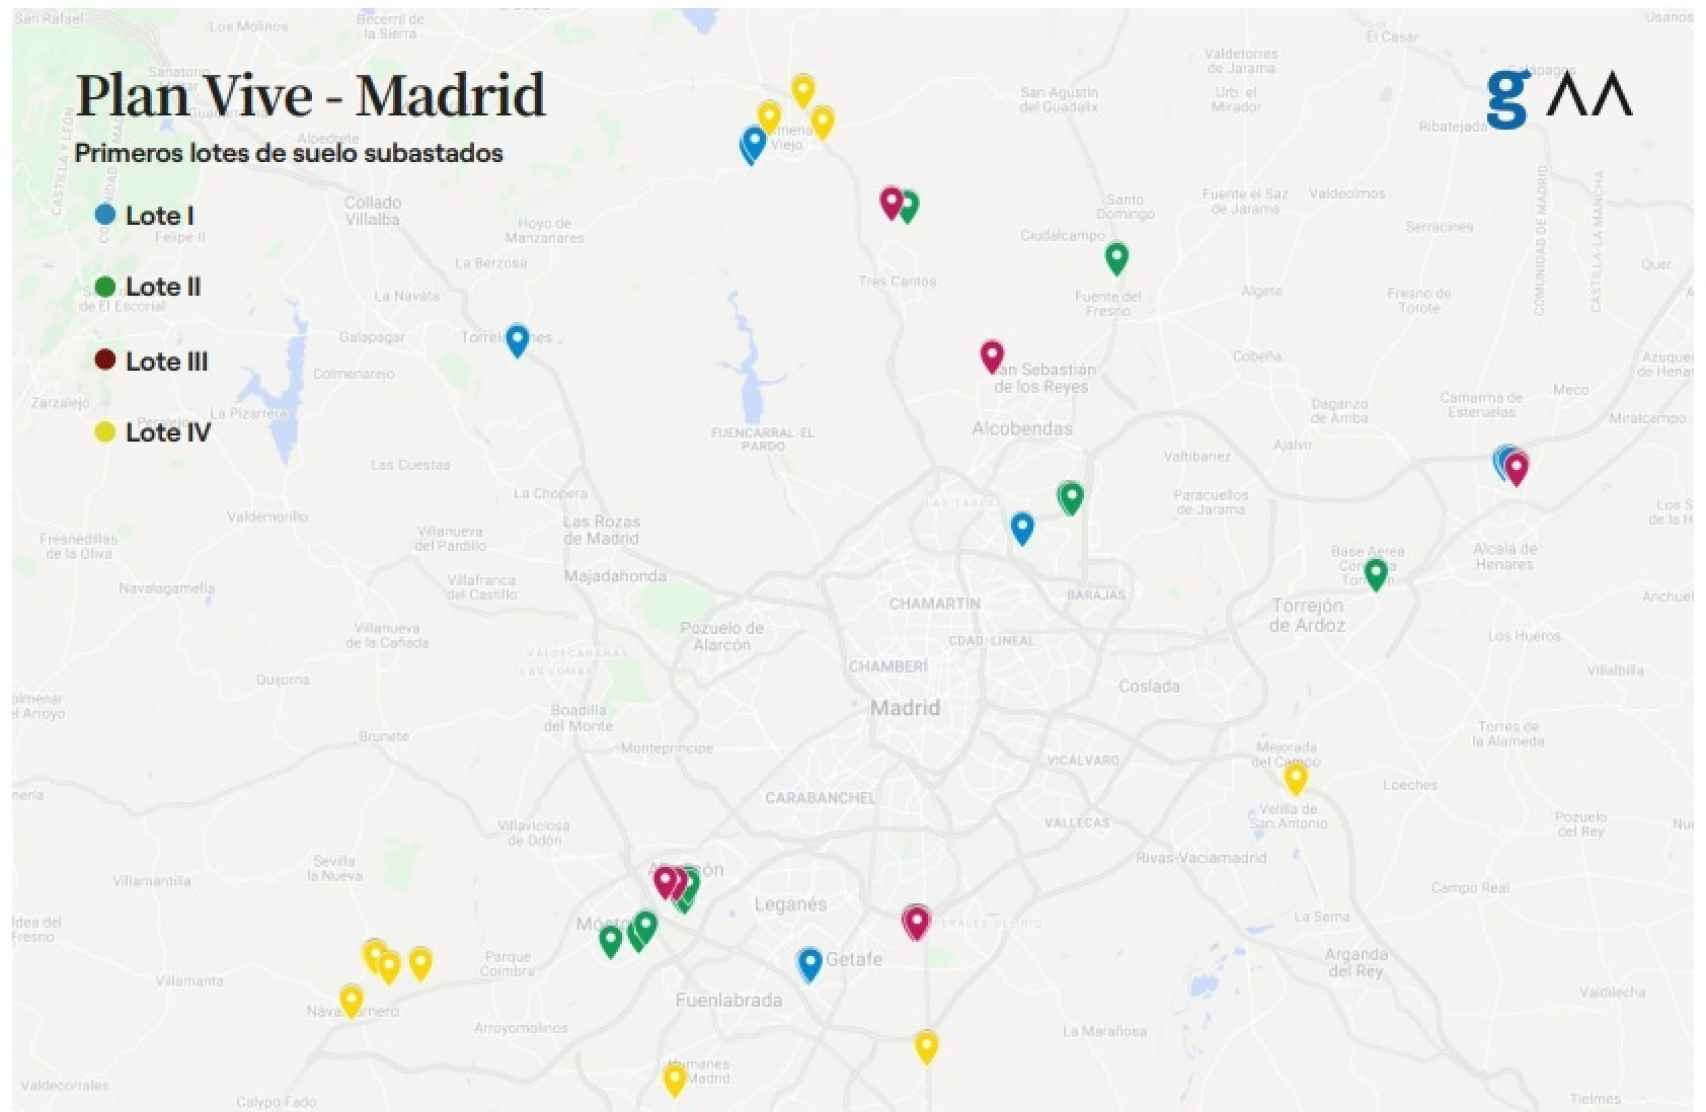 Mapa de los primeros lotes de suelo subastados dentro del Plan Vive de la Comunidad de Madrid.